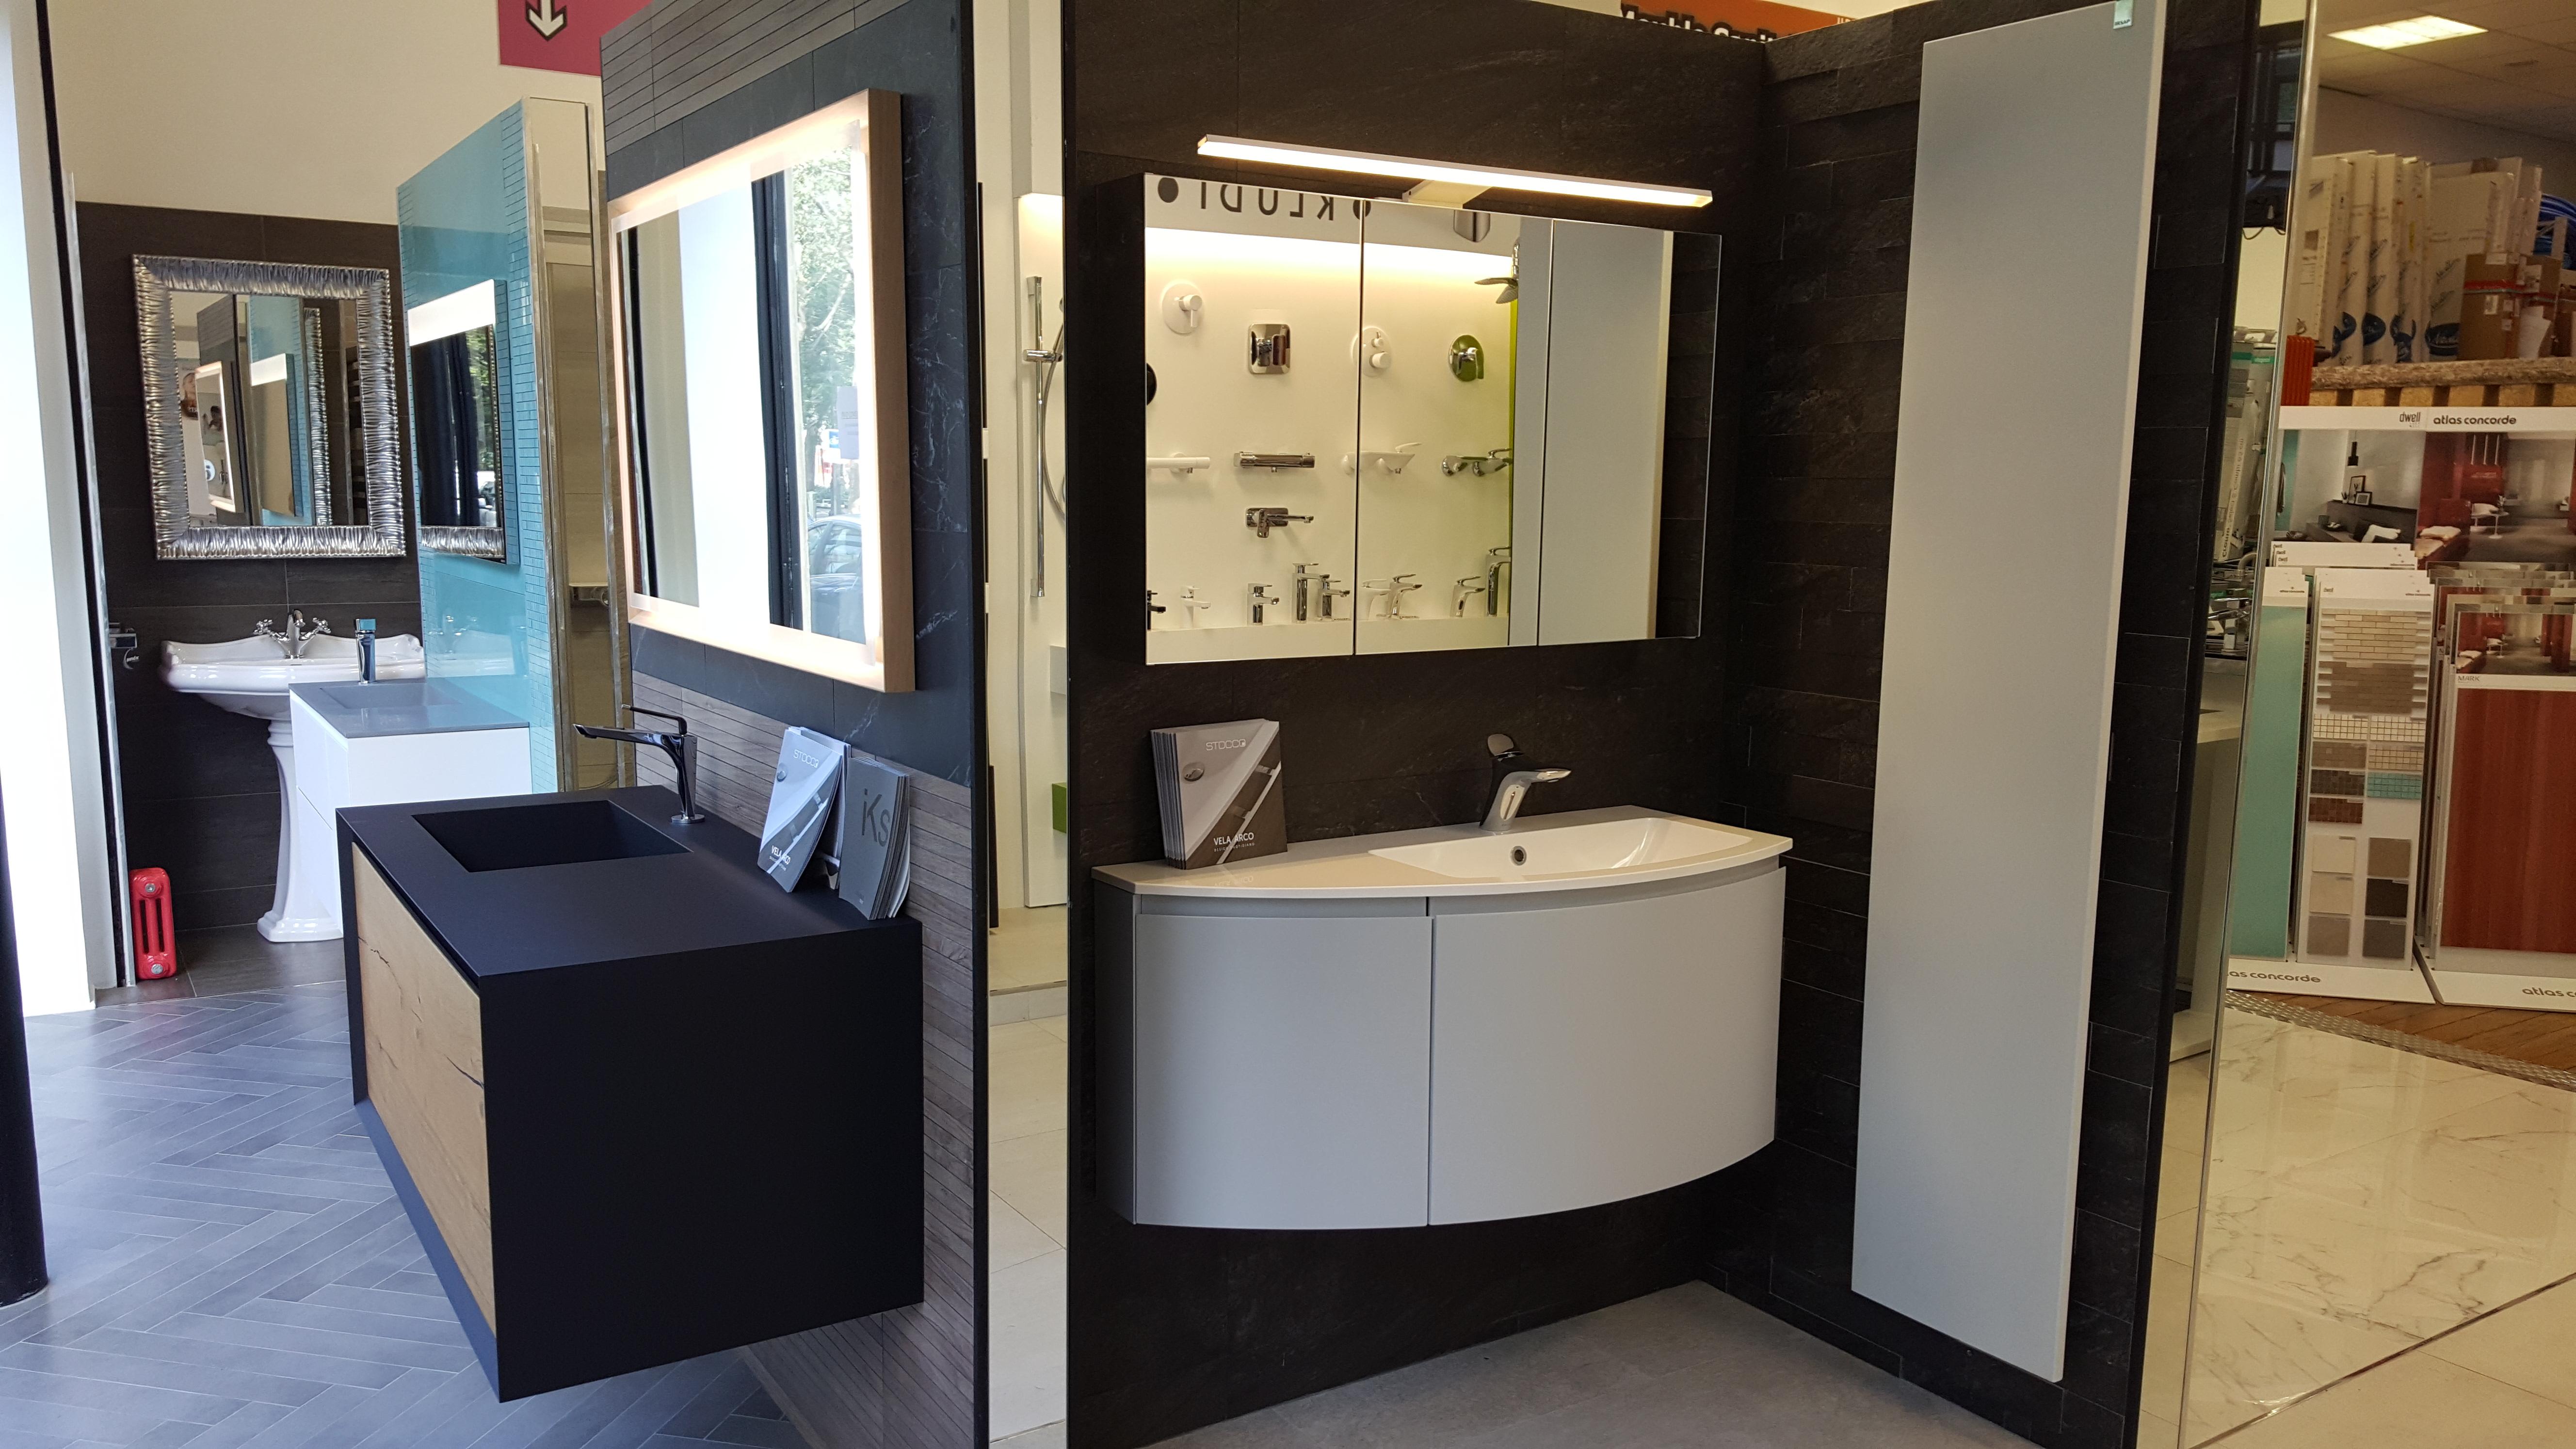 meuble de salle de bain paris stocco paris armoire de toilette paris miroir lumineux paris miroir led paris meuble design paris meuble deco